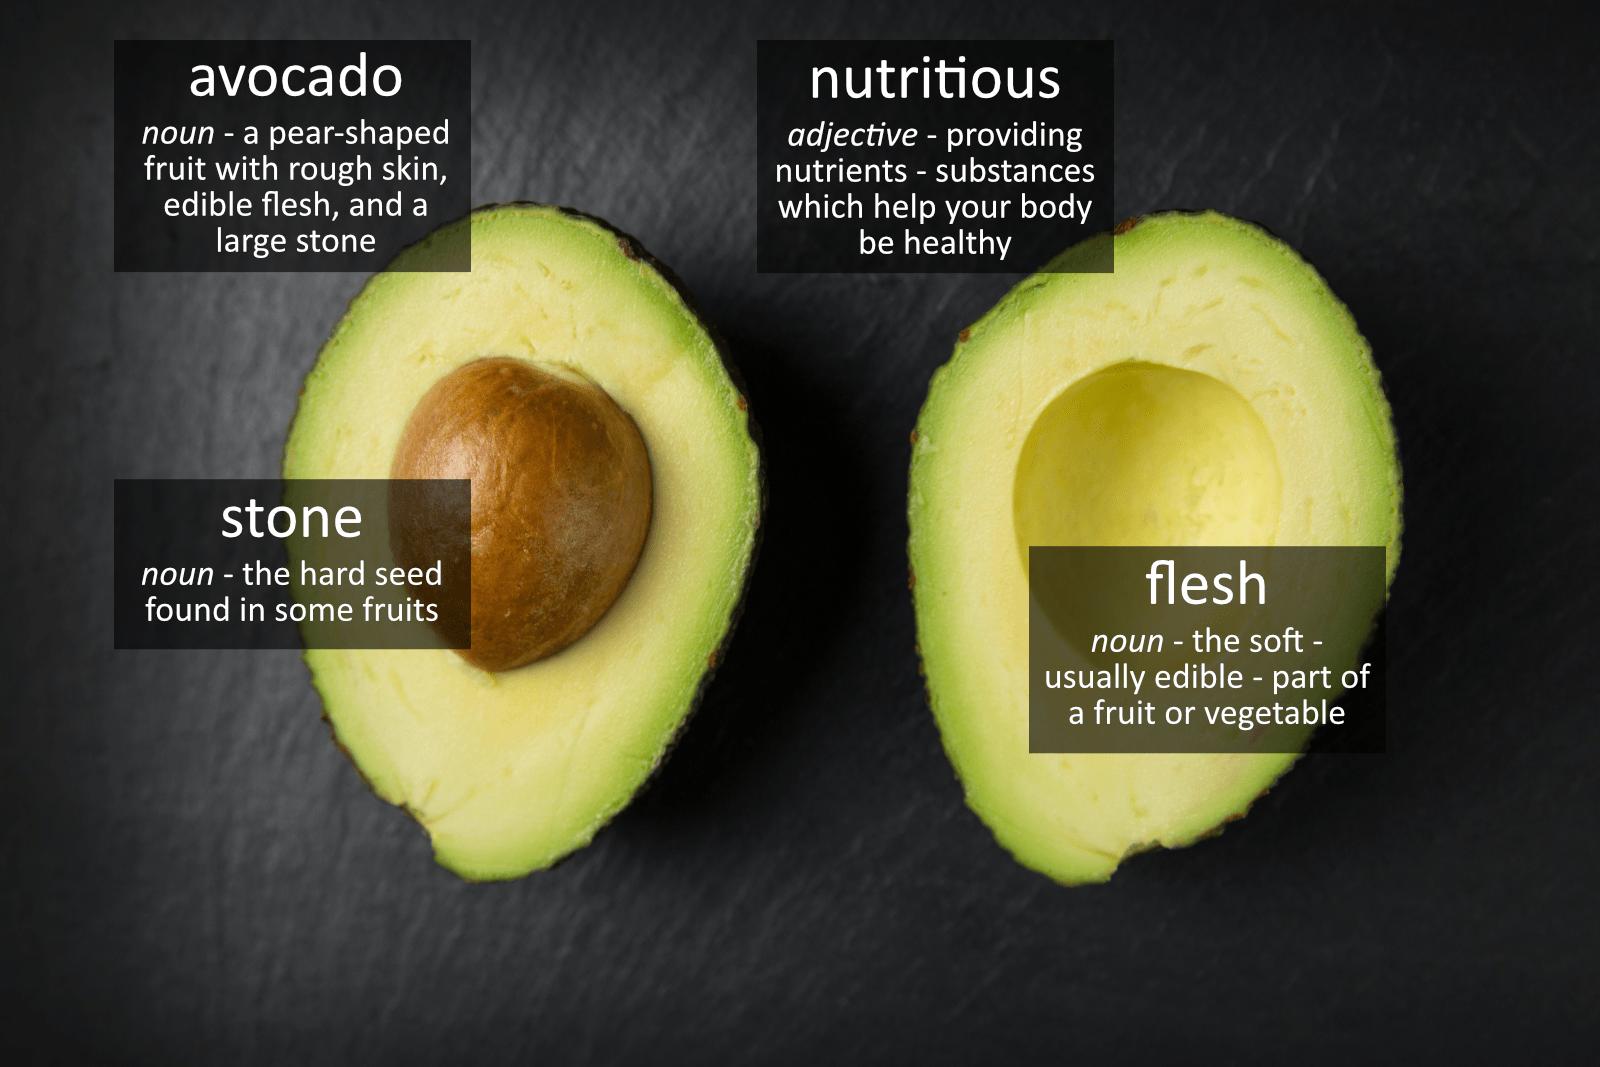 avocado vocabulary